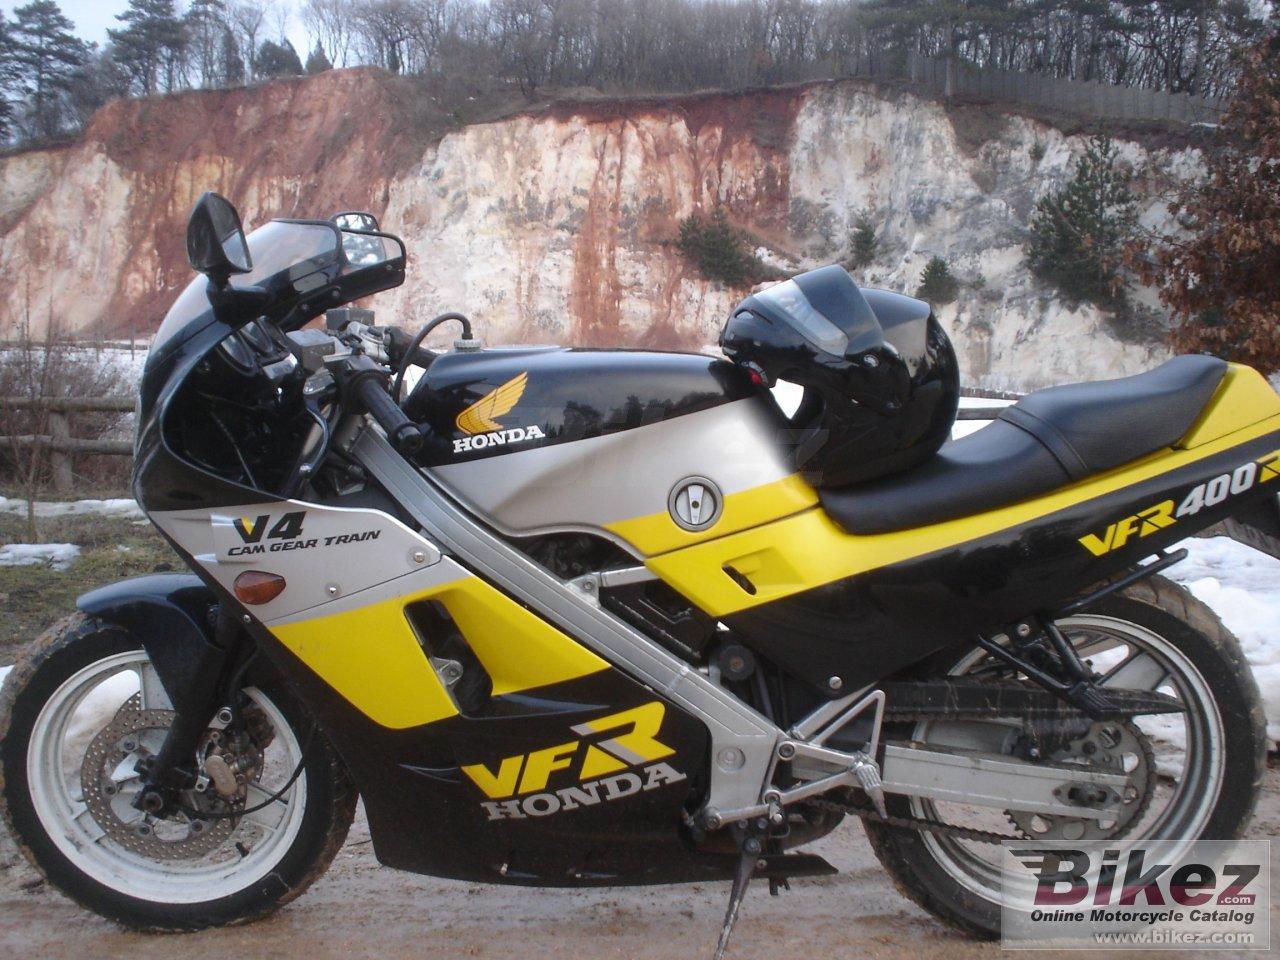 Хонда ВФР 400 нс 21 #1